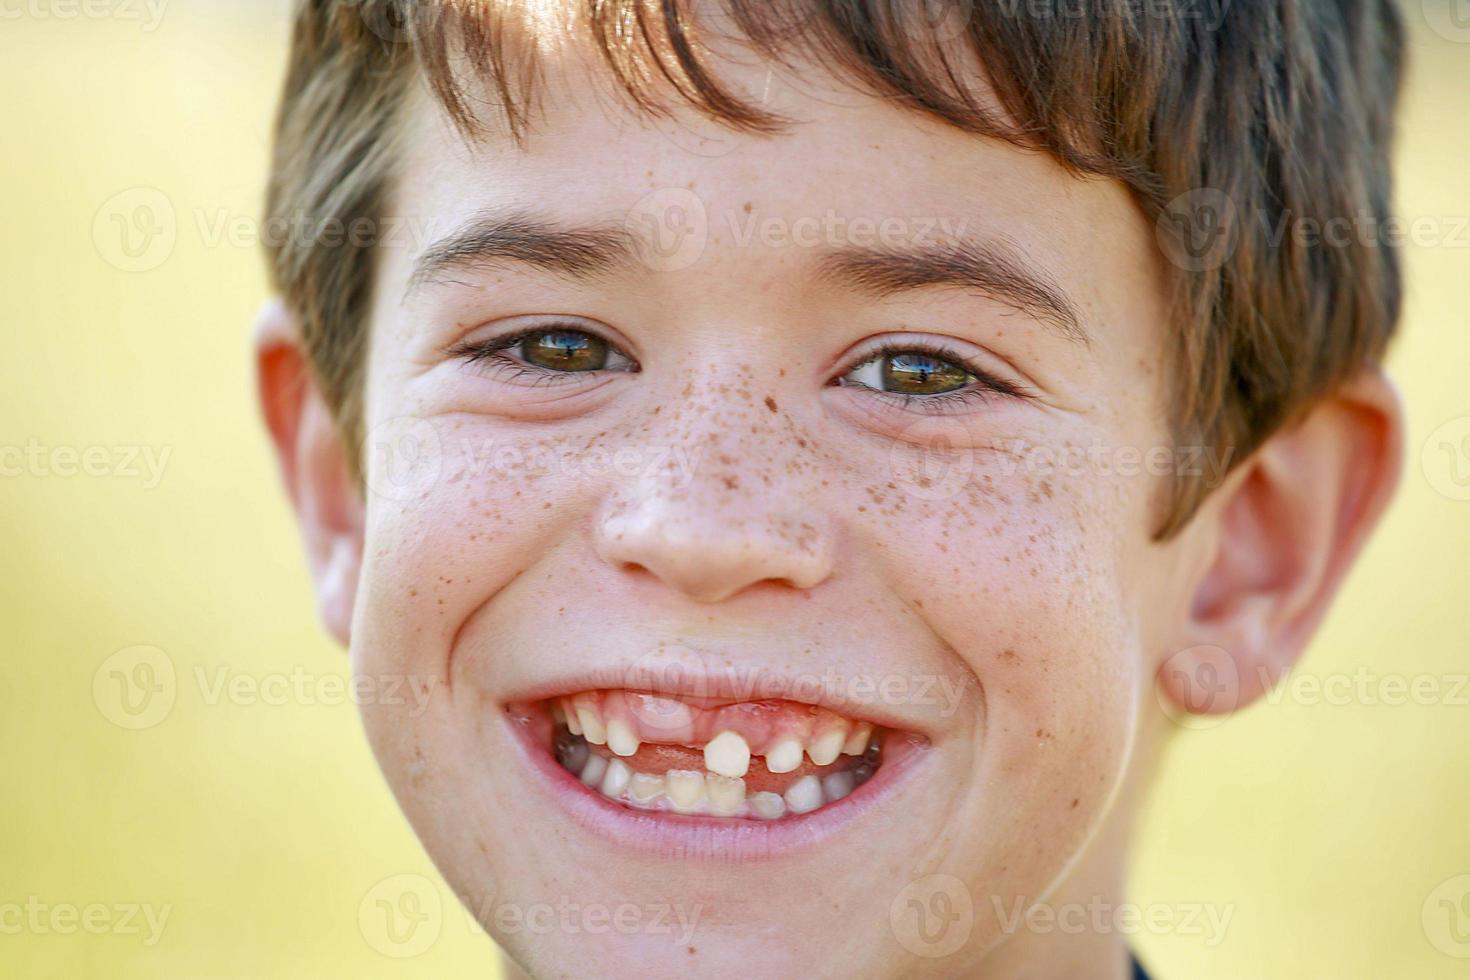 close-up de menino foto